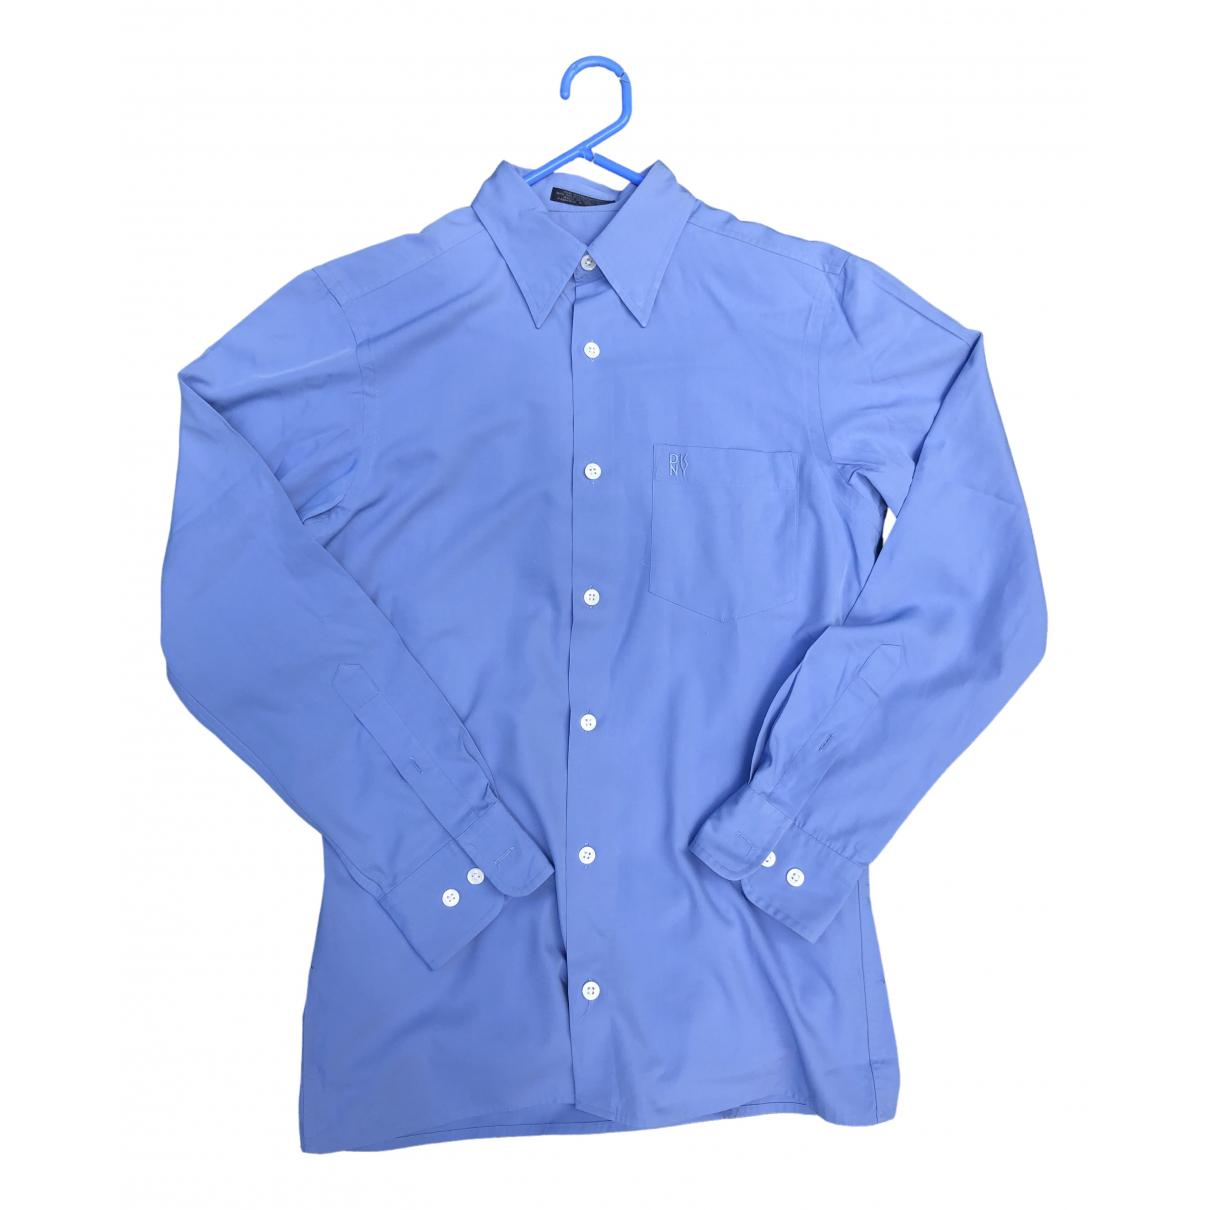 Dkny - Chemises   pour homme en autre - bleu